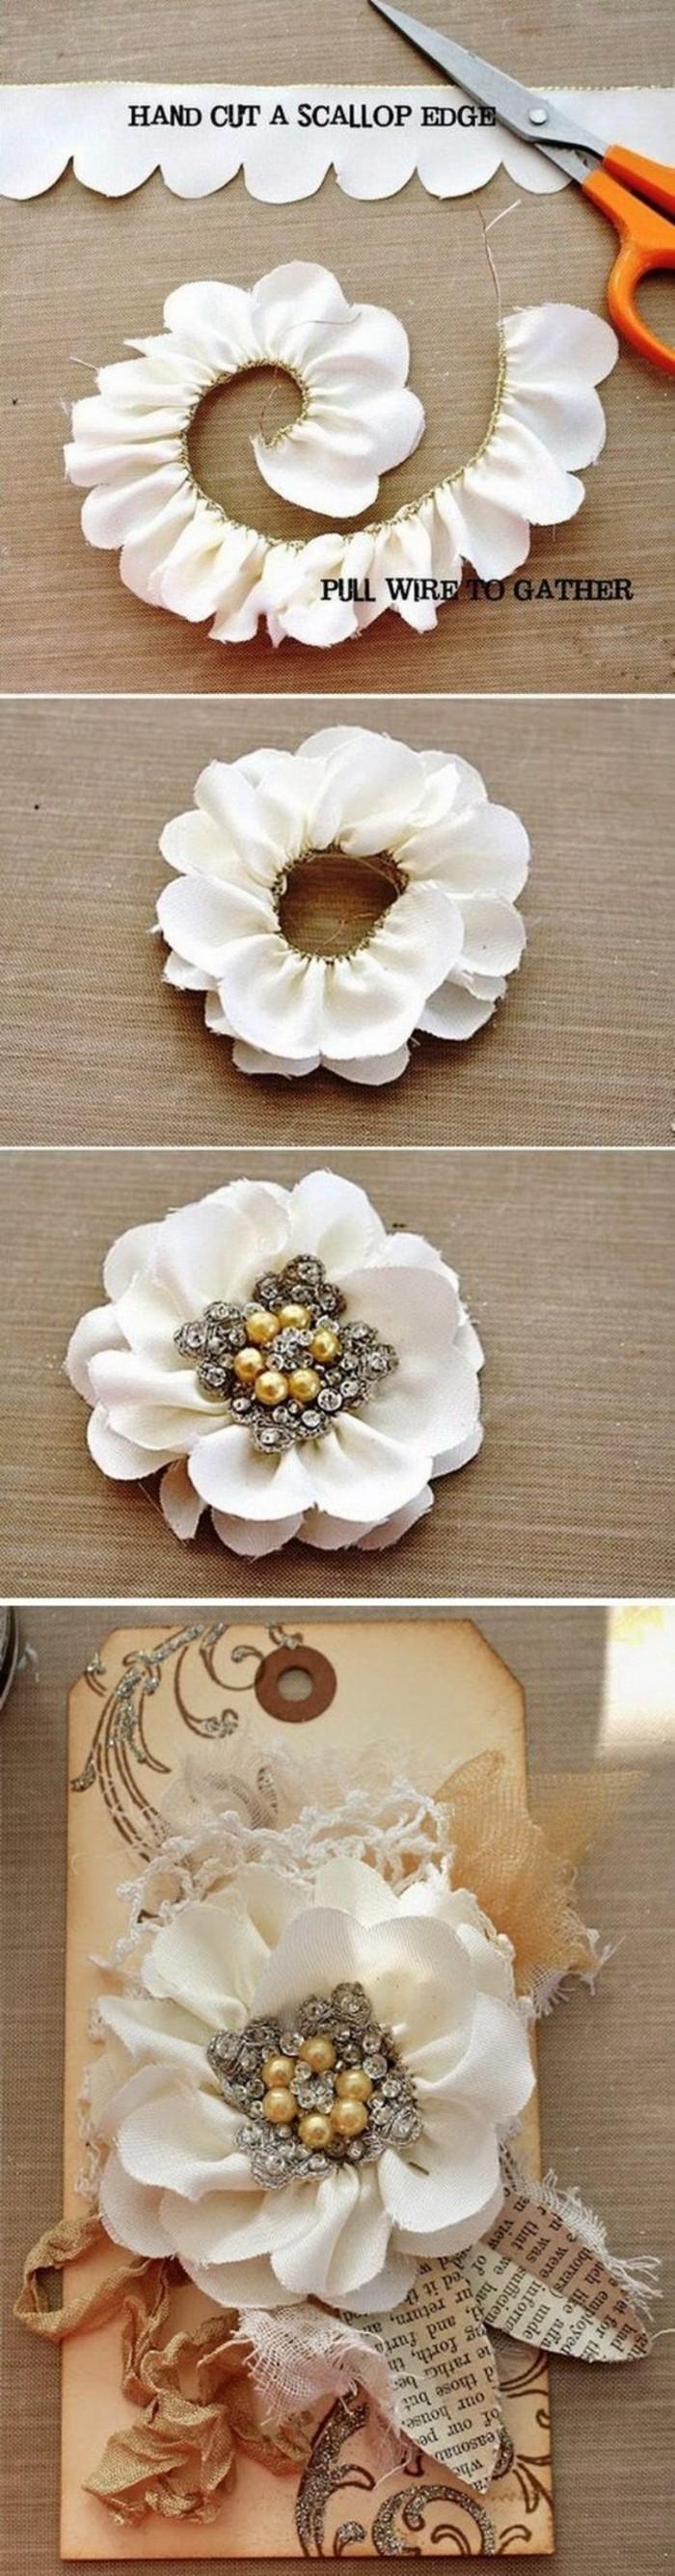 Decorazioni con fiori, bigliettino shabby chic, tessuto colore bianco